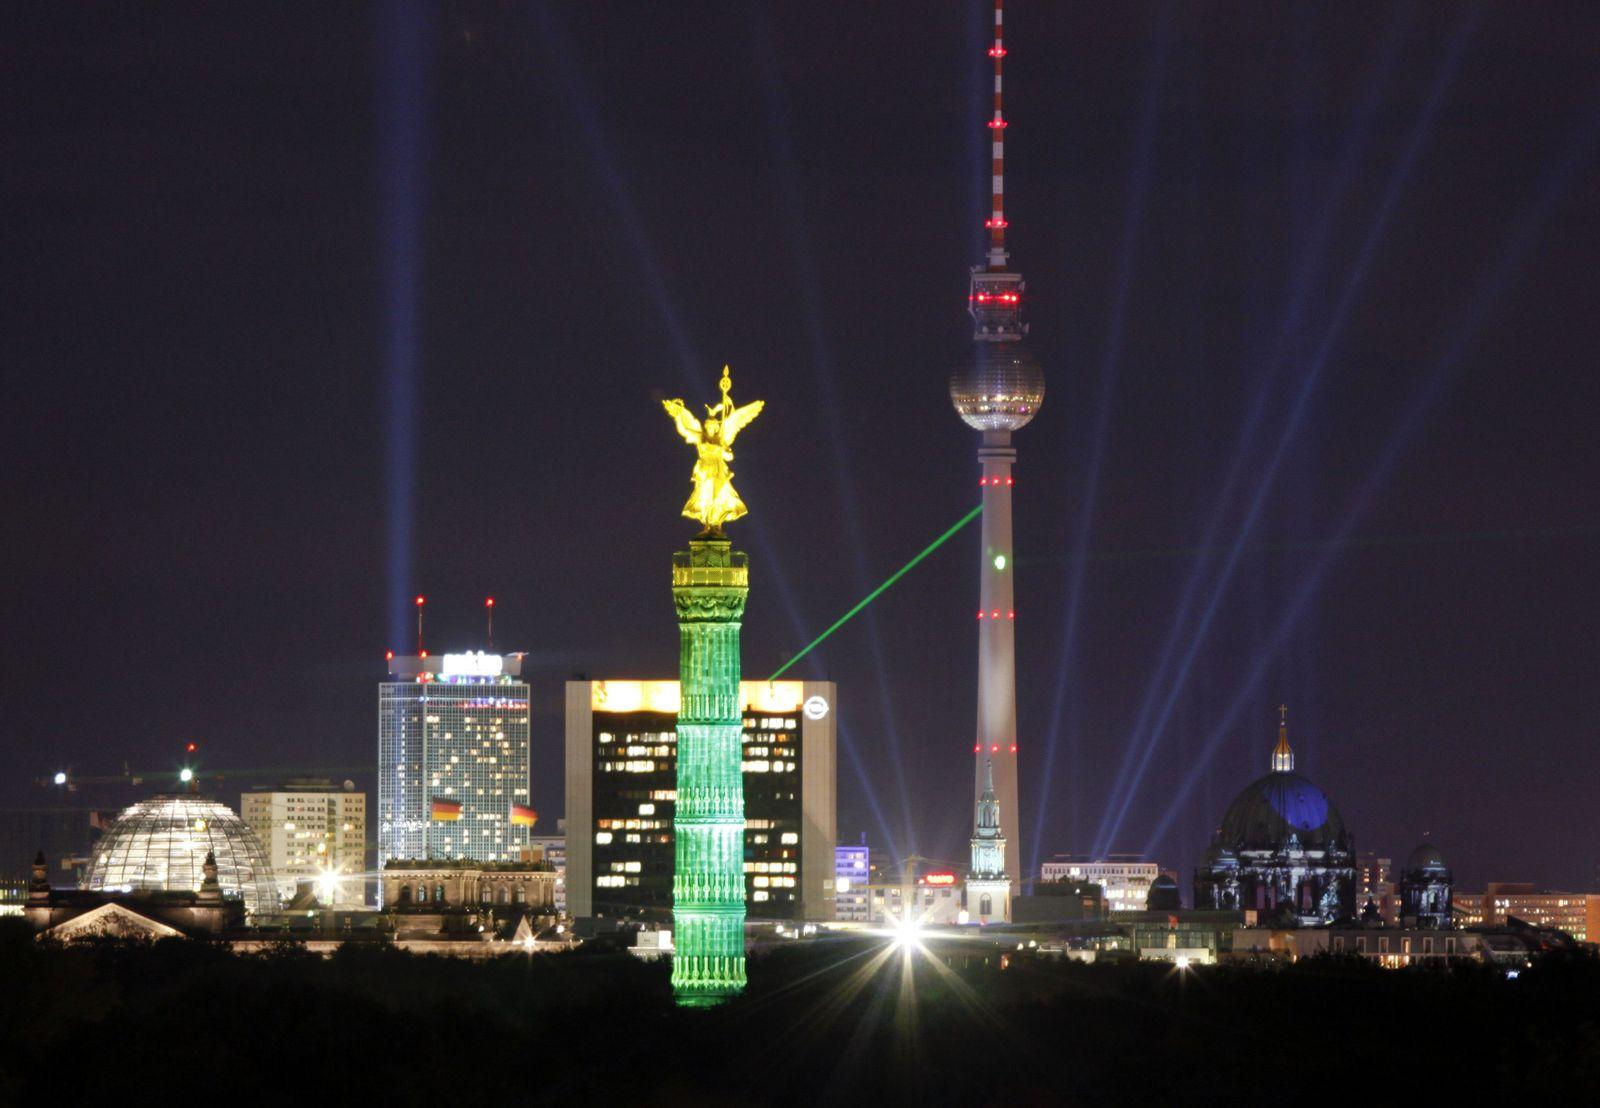 Festival of Lights / Berlin